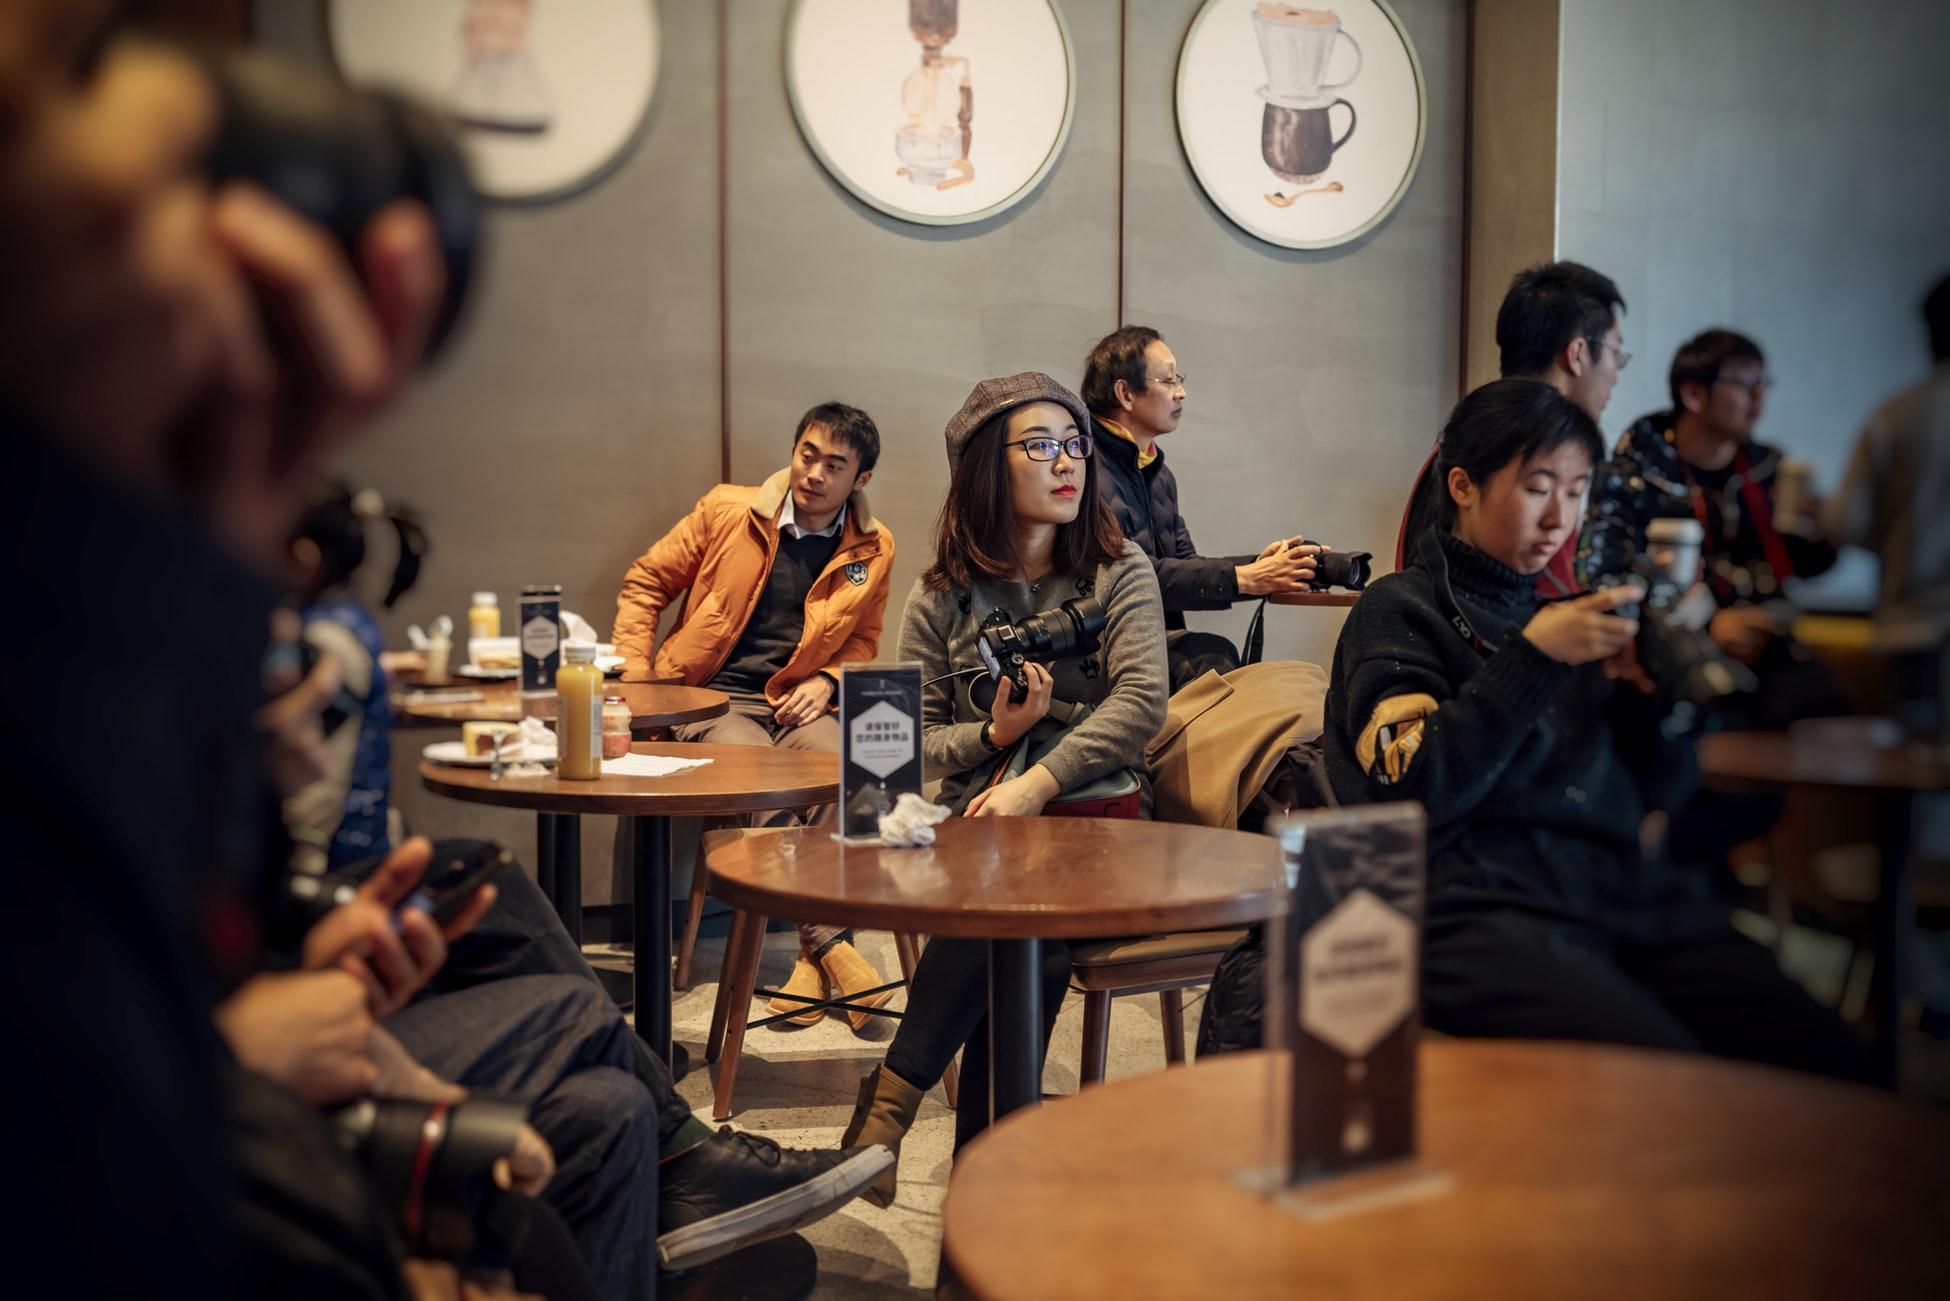 Çinde Restoran Kültürü